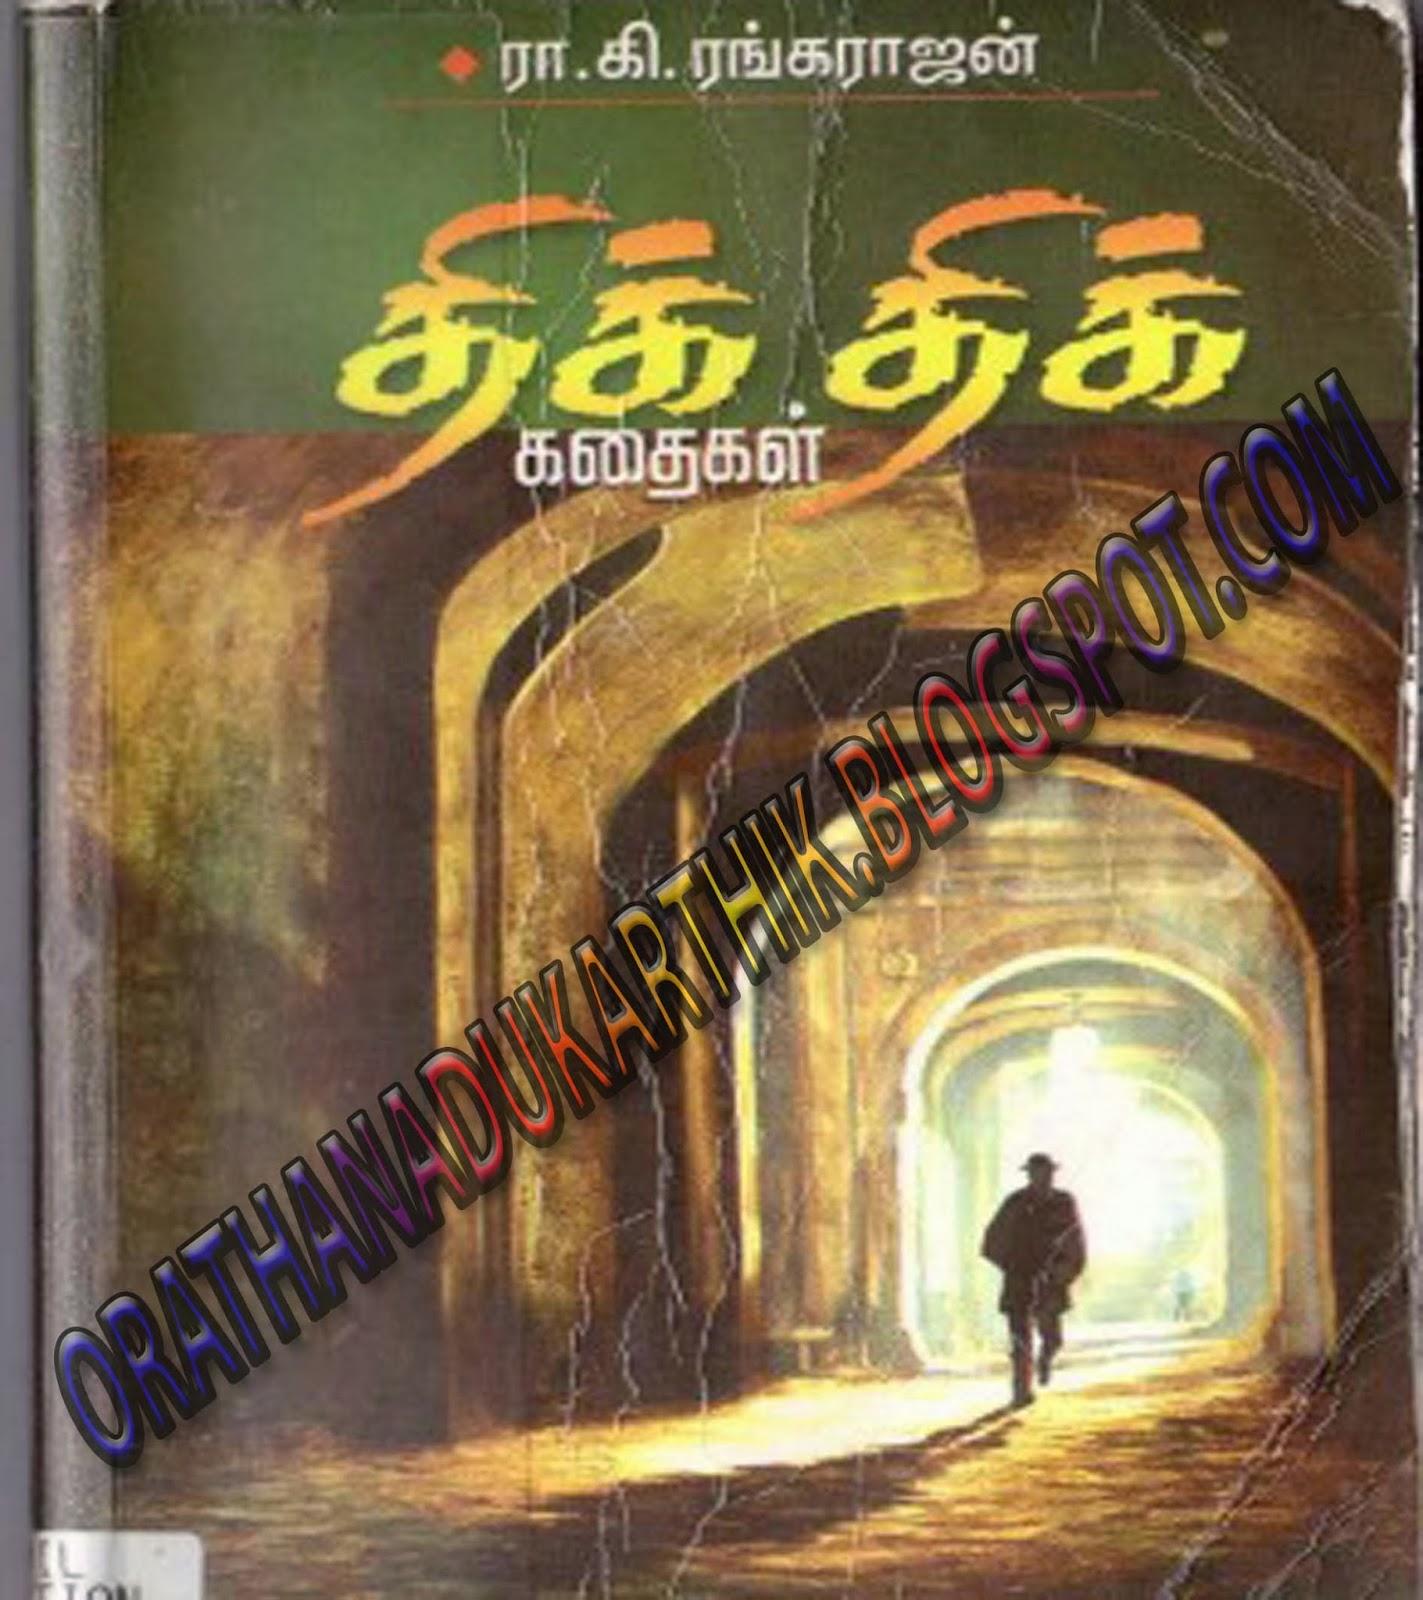 திக் திக் கதைகள் -ரா.கி.ரங்கராஜன் 2